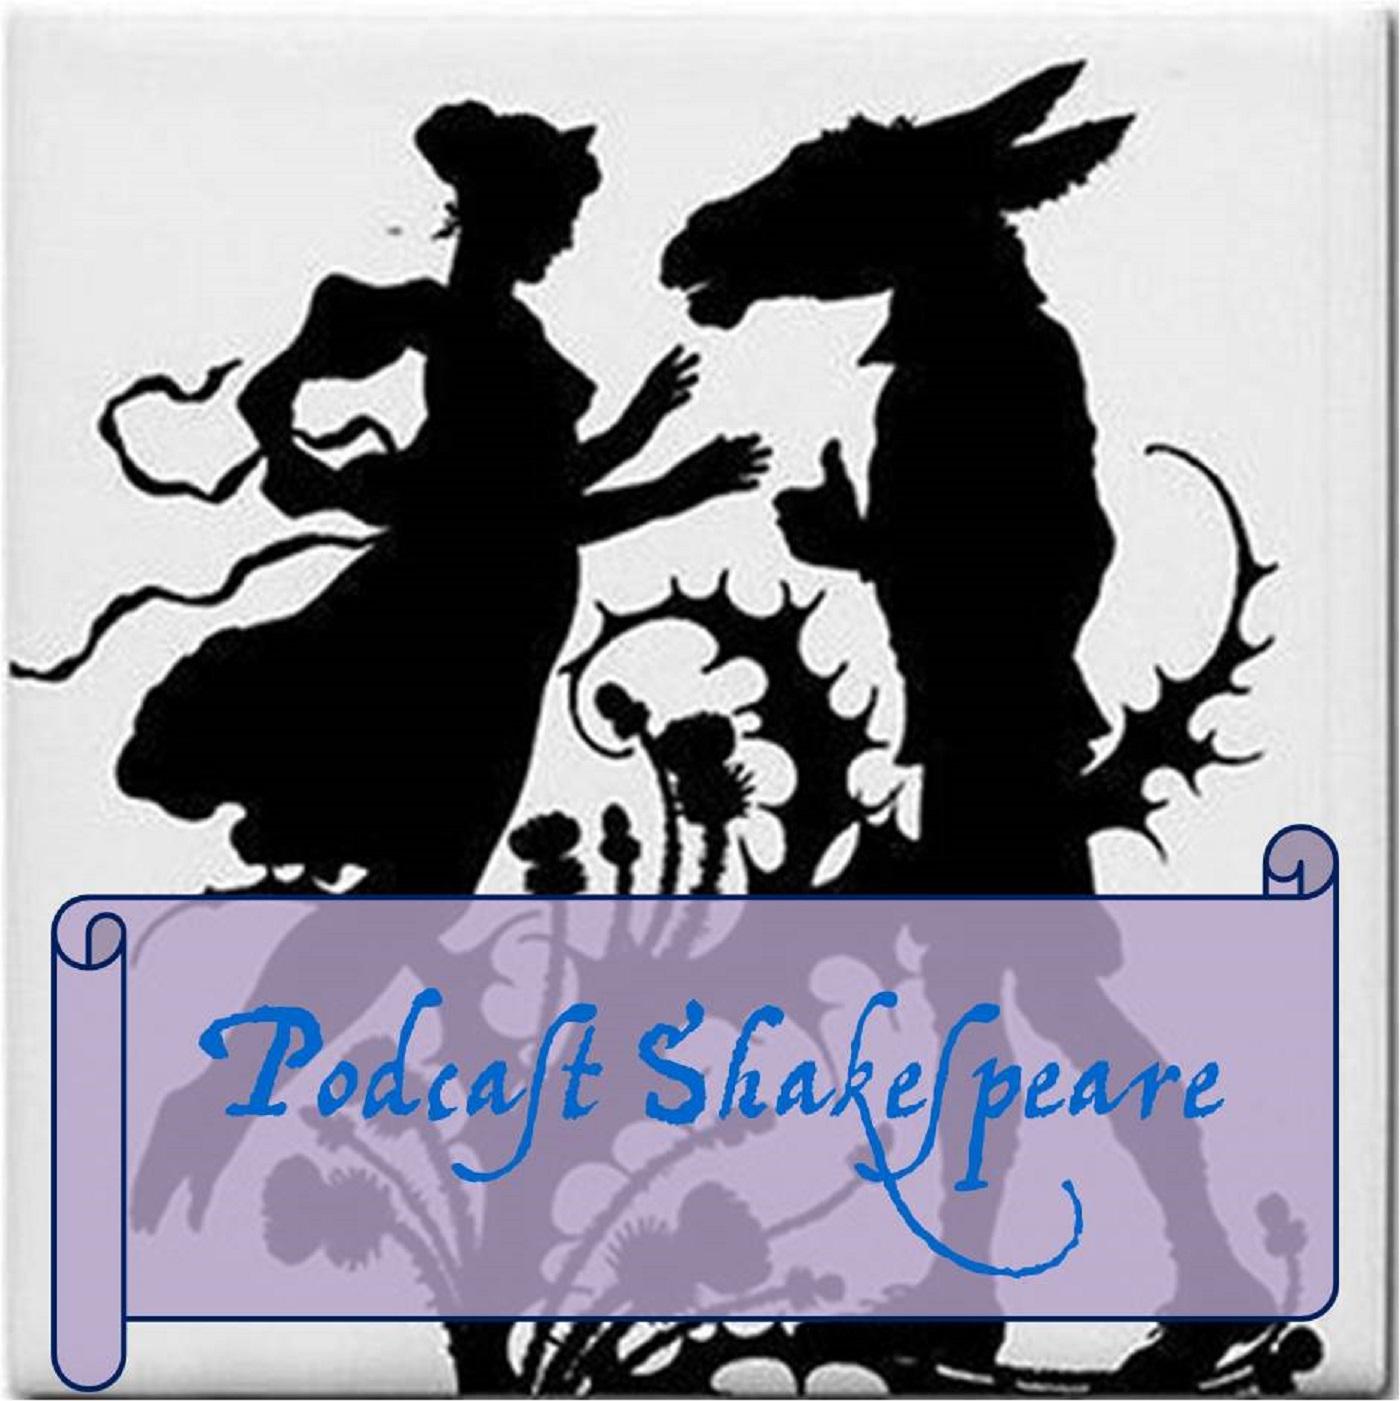 Podcast Shakespeare show art